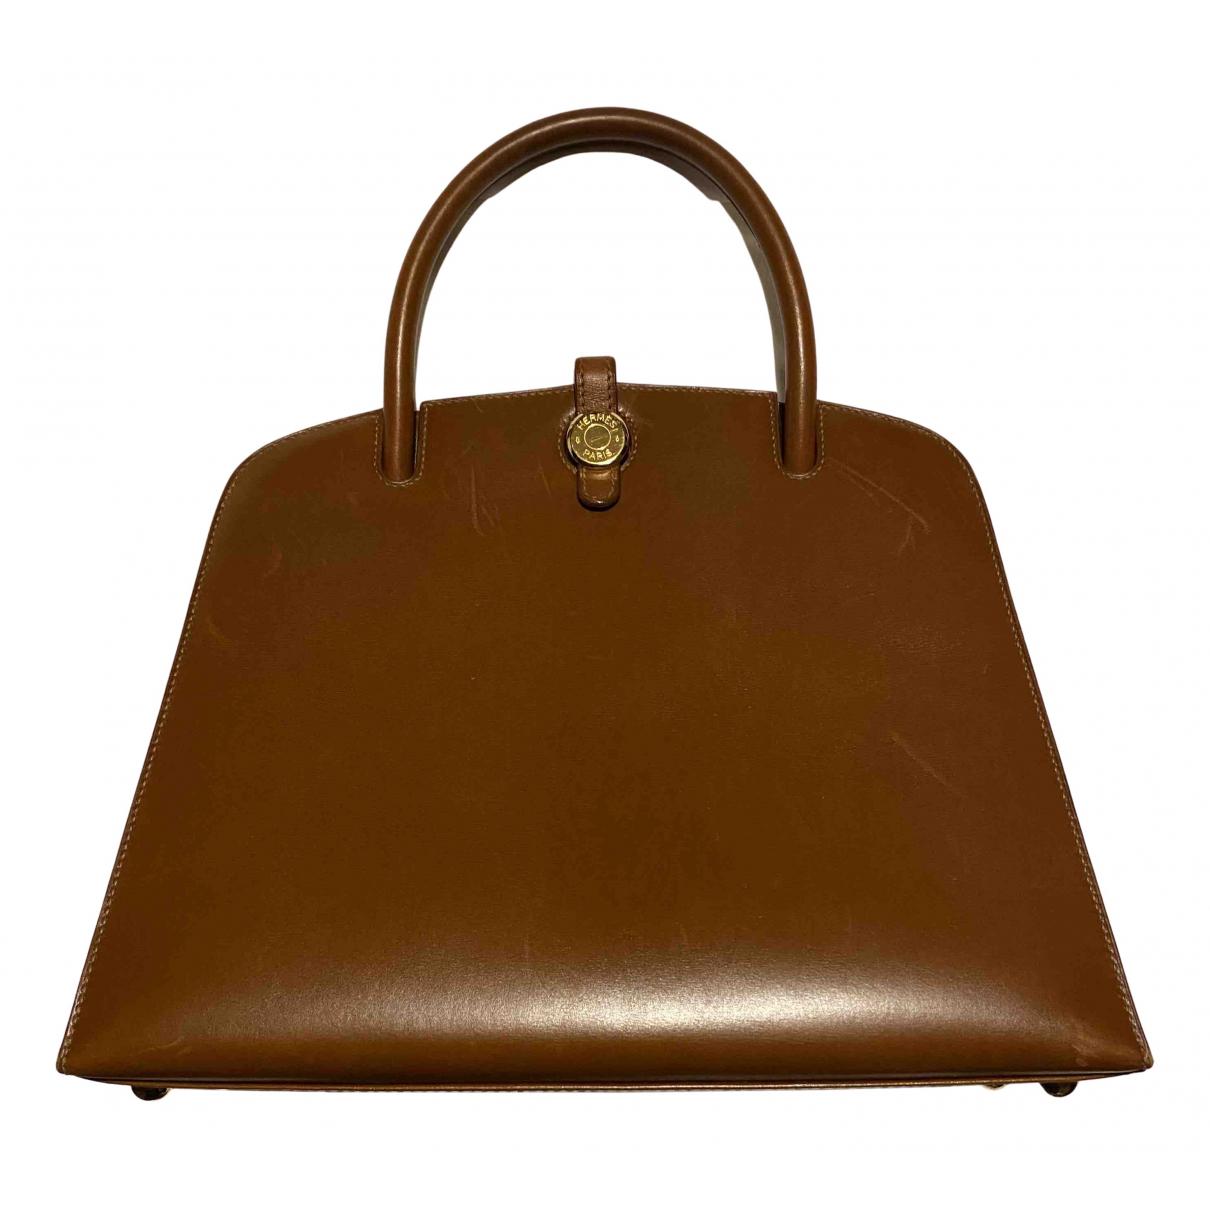 Hermès N Brown Leather handbag for Women N